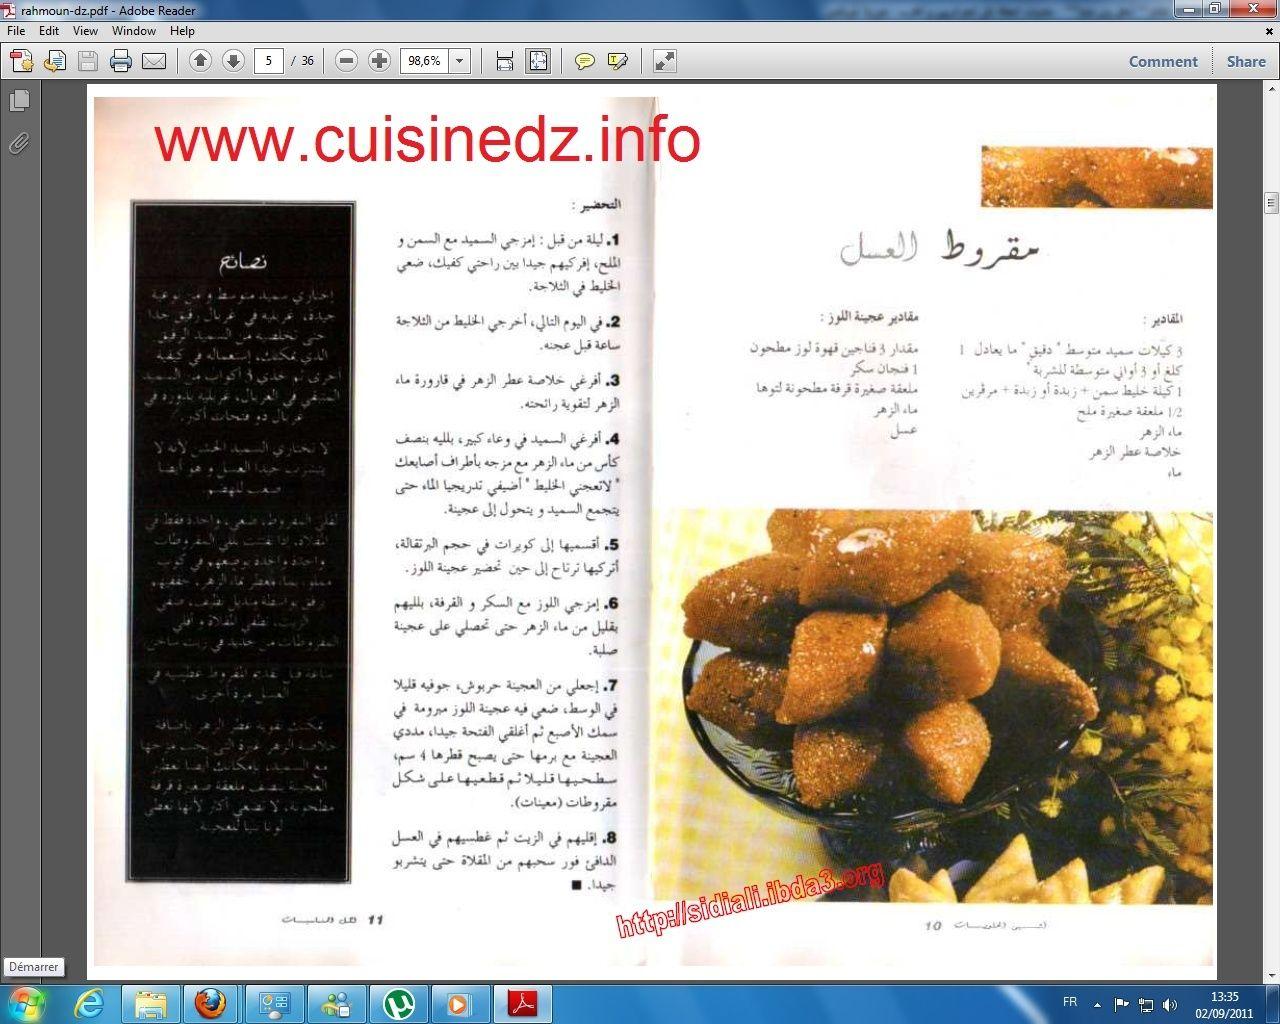 كتاب الحلويات الخاص بأميرة المطبخ الجزائري السيدة بوحامد مع أكثر من 40 وصفة